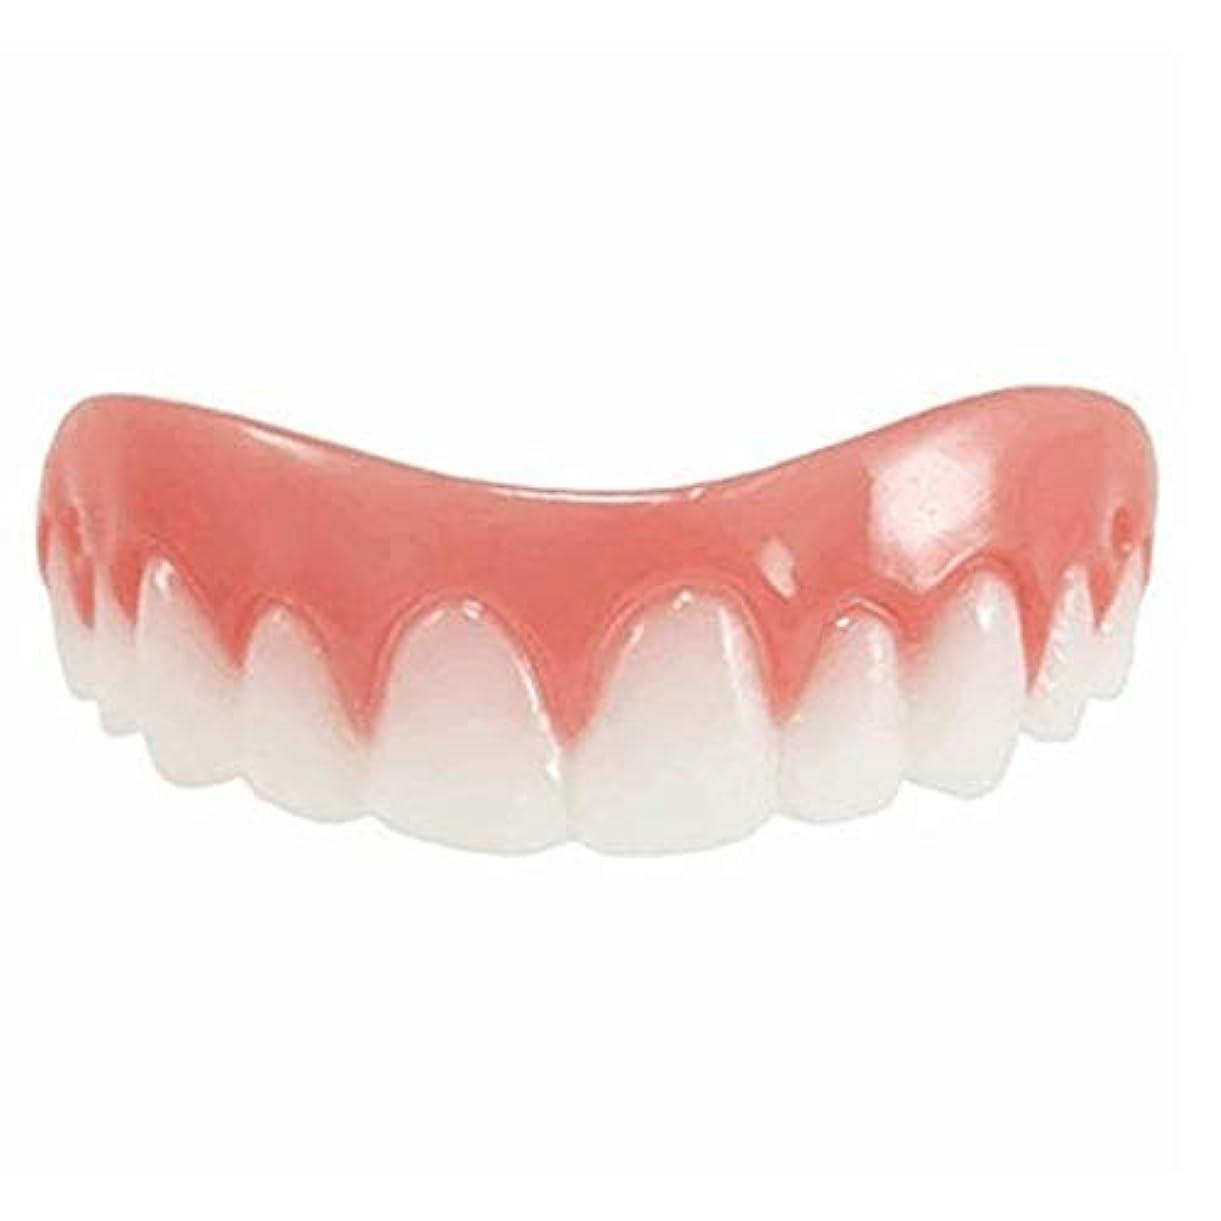 モール業界モノグラフシリコンシミュレーション義歯、歯科用ベニヤホワイトトゥースセット(1個),A